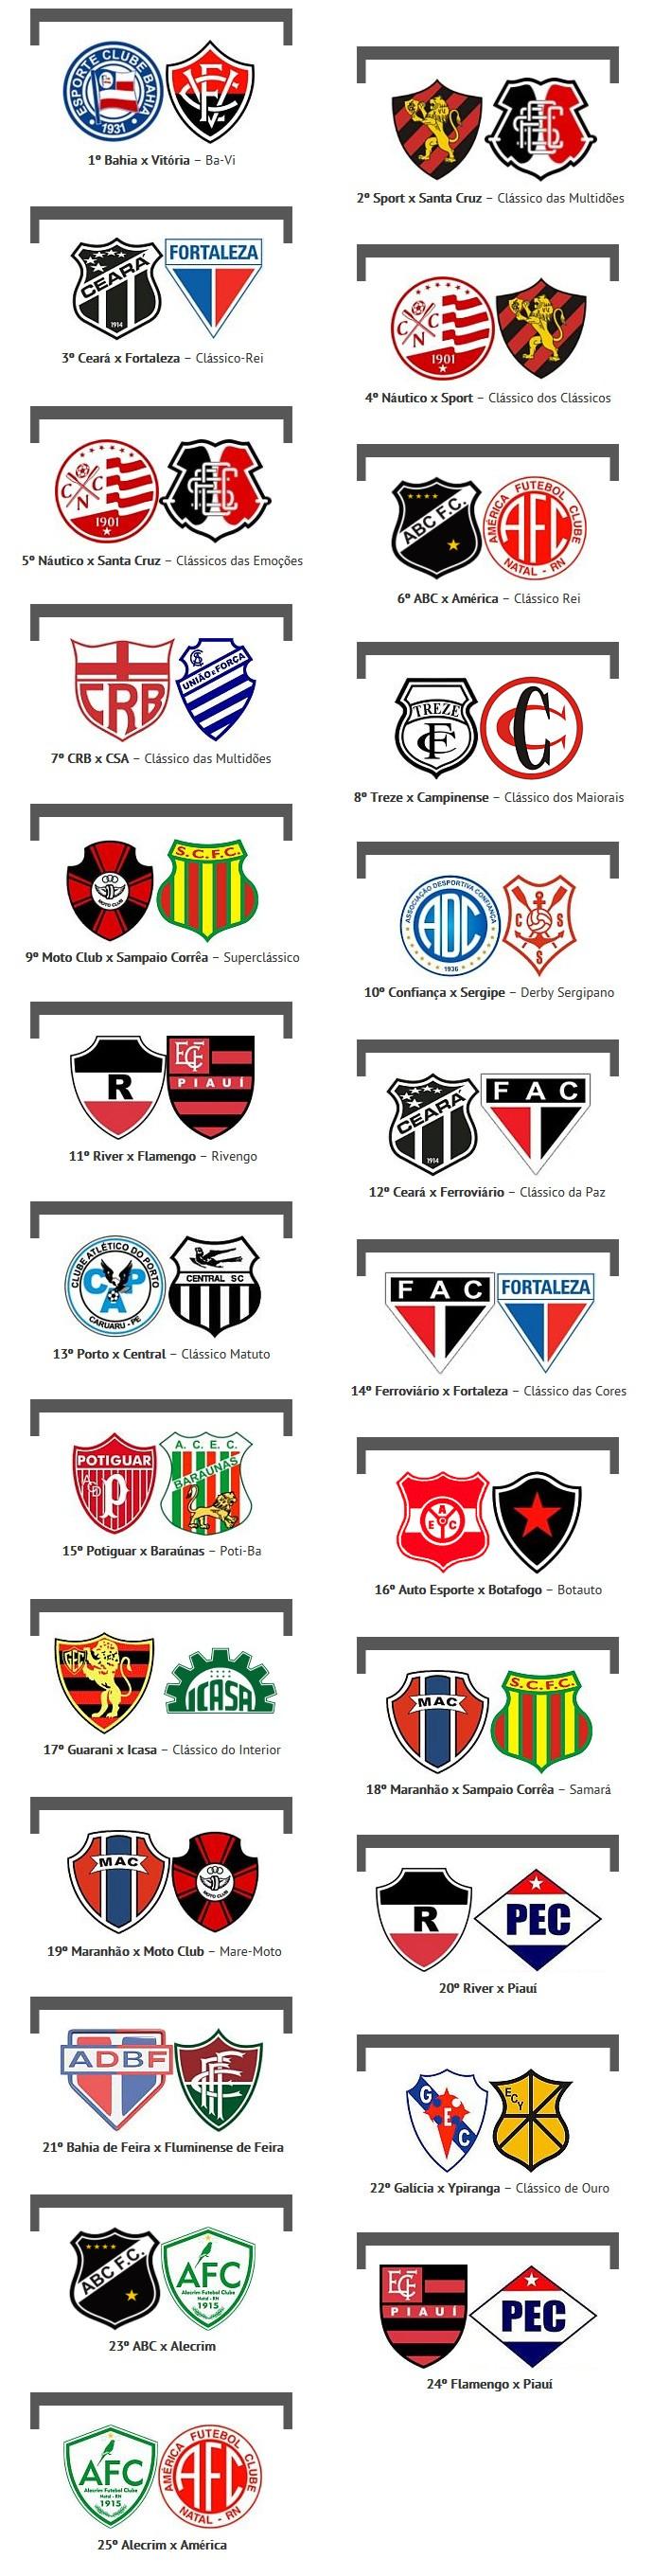 BLOG: Site lista os 25 maiores clássicos do futebol nordestino na opinião de jornalistas